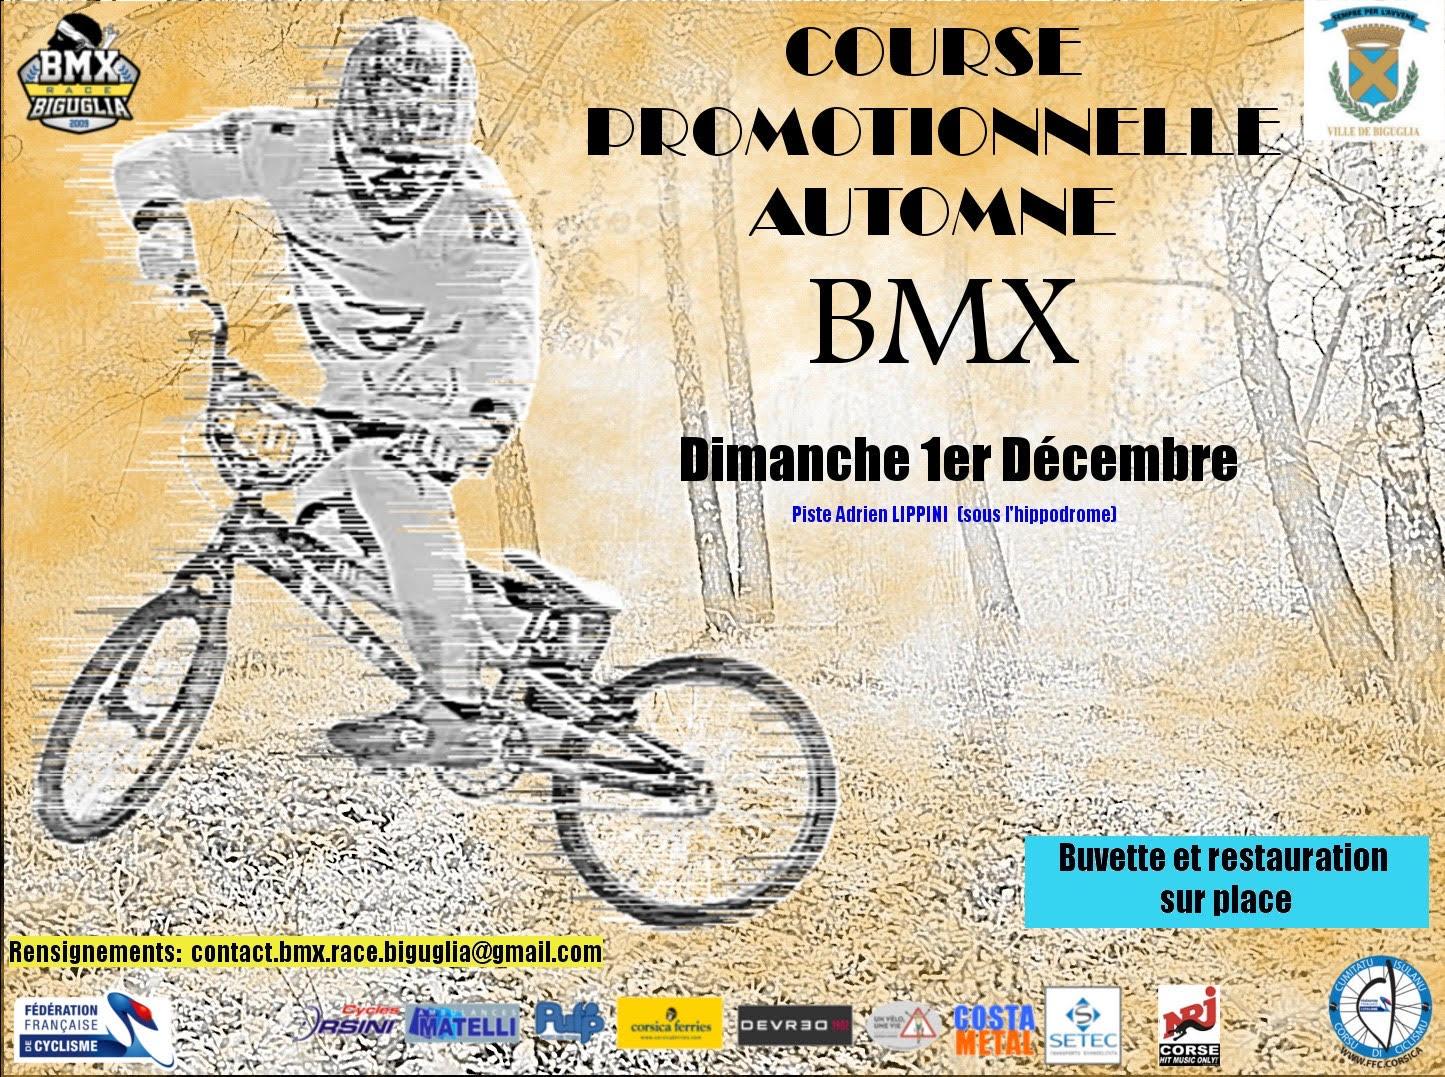 Le Club BMX de Biguglia organise une course ce 1 décembre